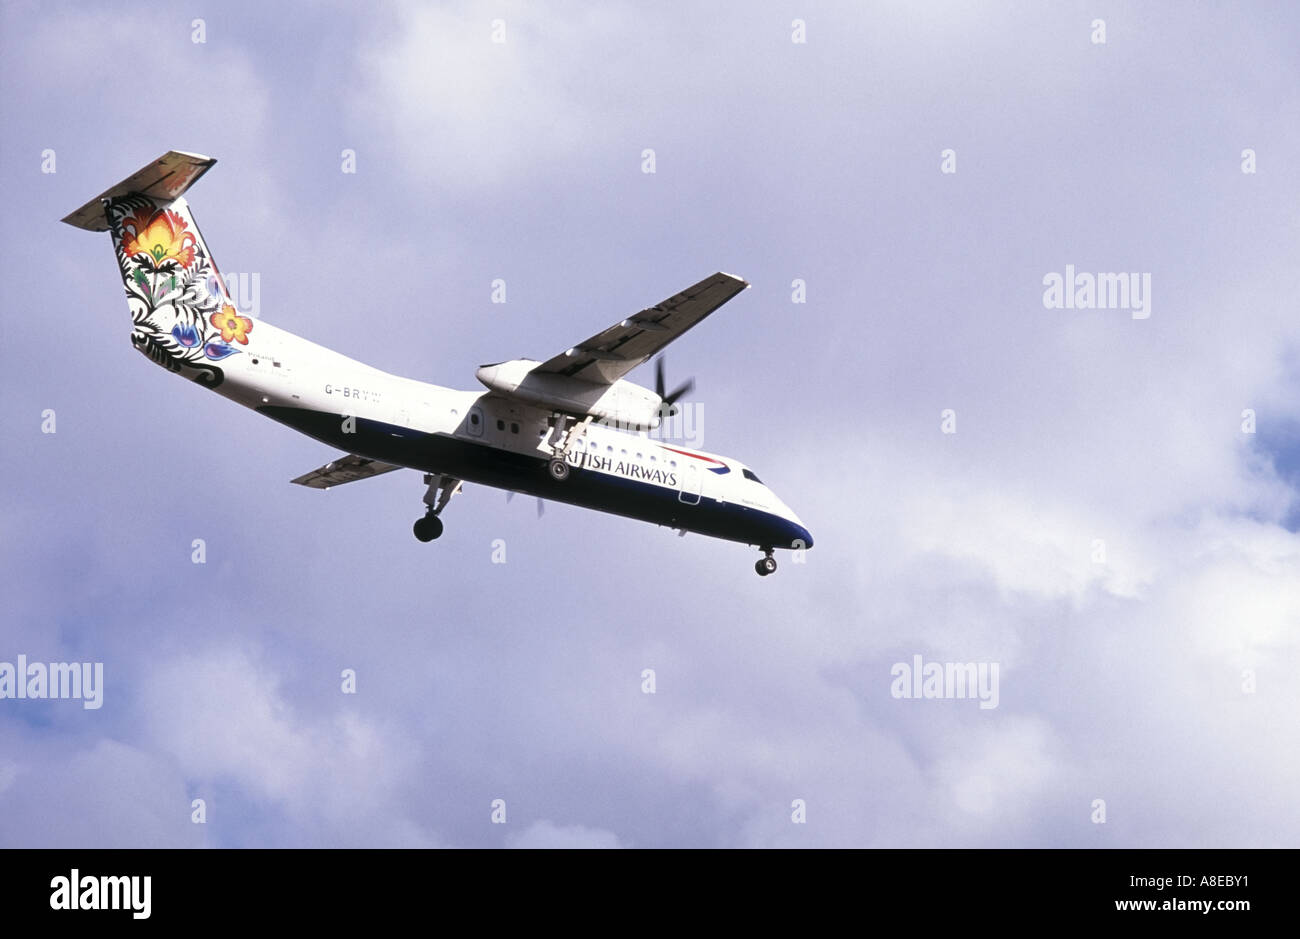 British Airways Dash 8 lands at Southampton Airport - Stock Image